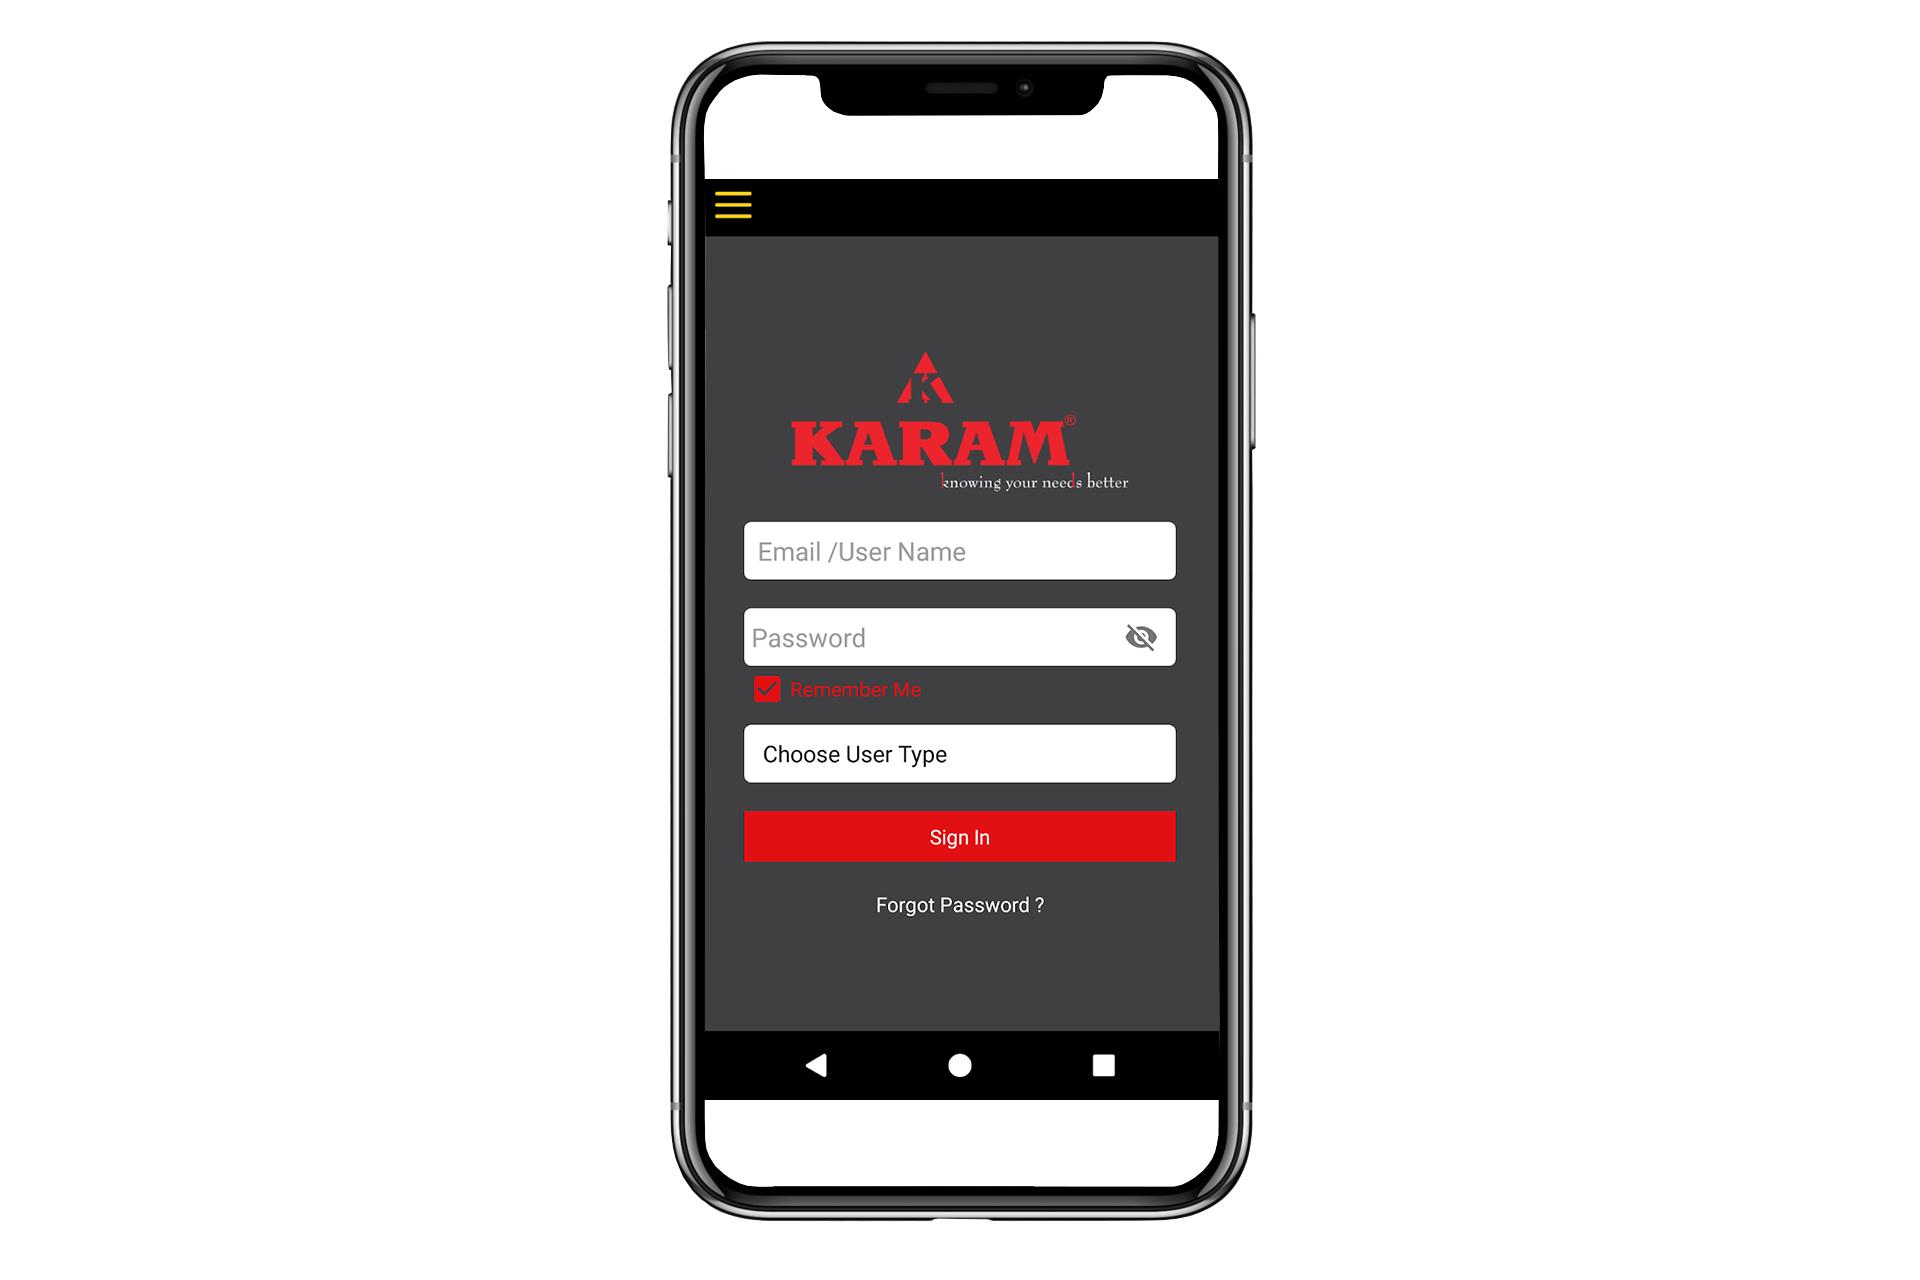 karam-training-ios-03